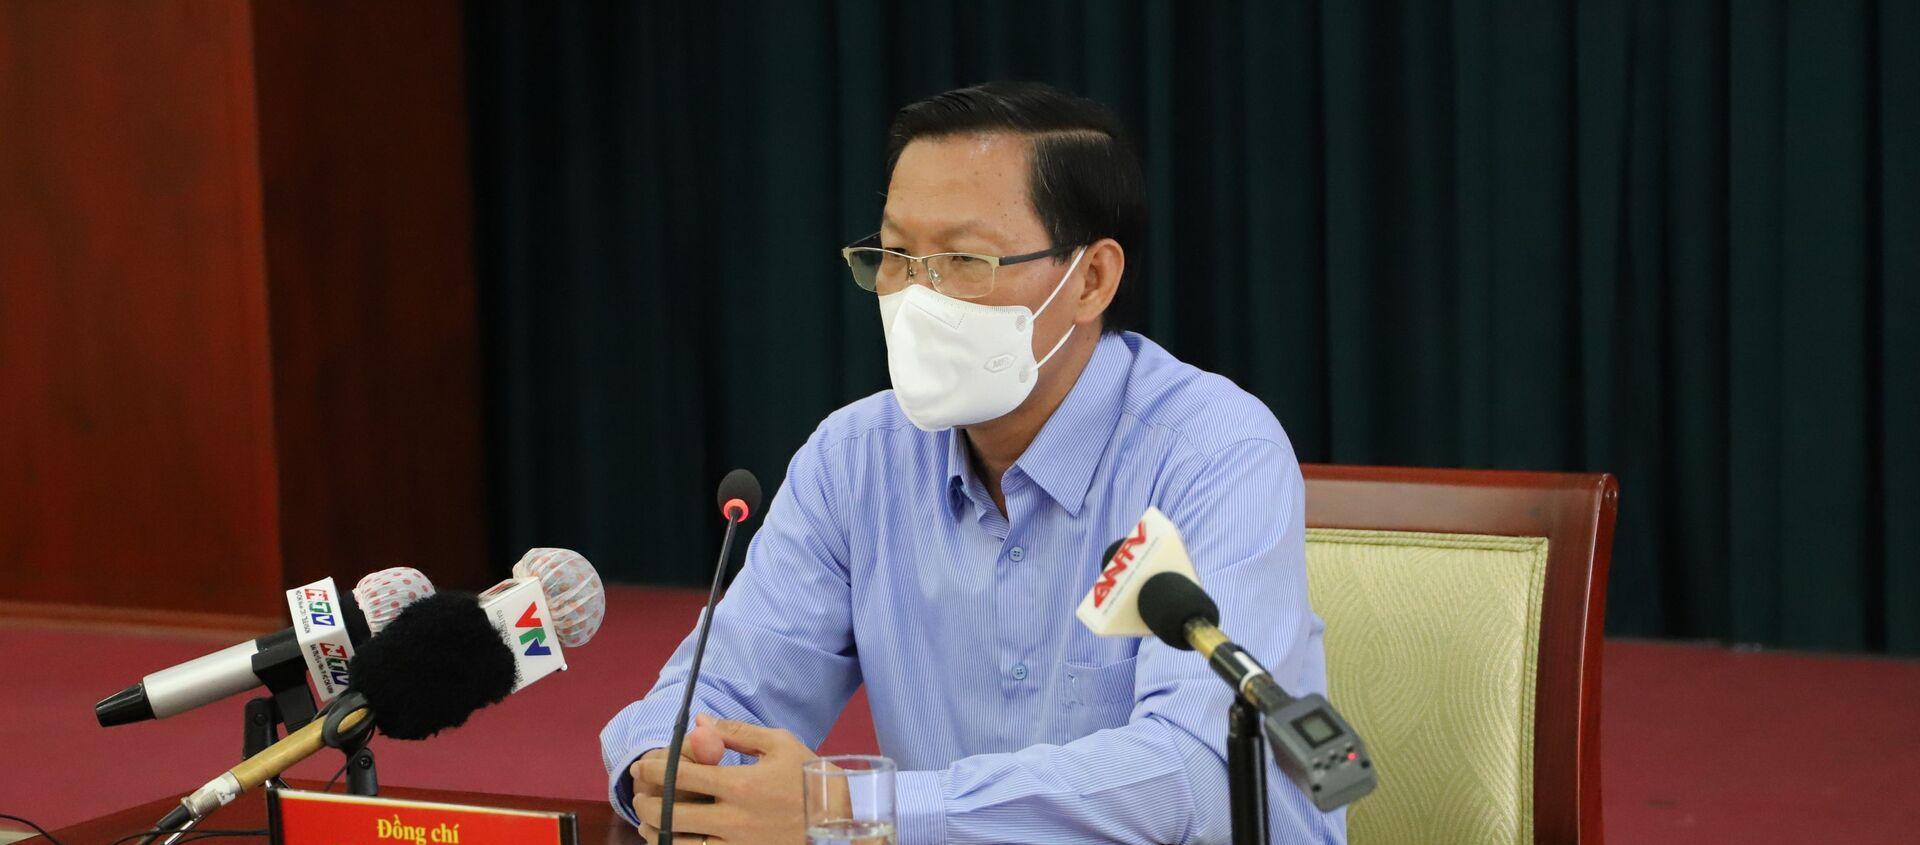 Phó bí thư thường trực Thành ủy Thành phố Hồ Chí Minh Phan Văn Mãi phát biểu tại cuộc họp. - Sputnik Việt Nam, 1920, 24.08.2021